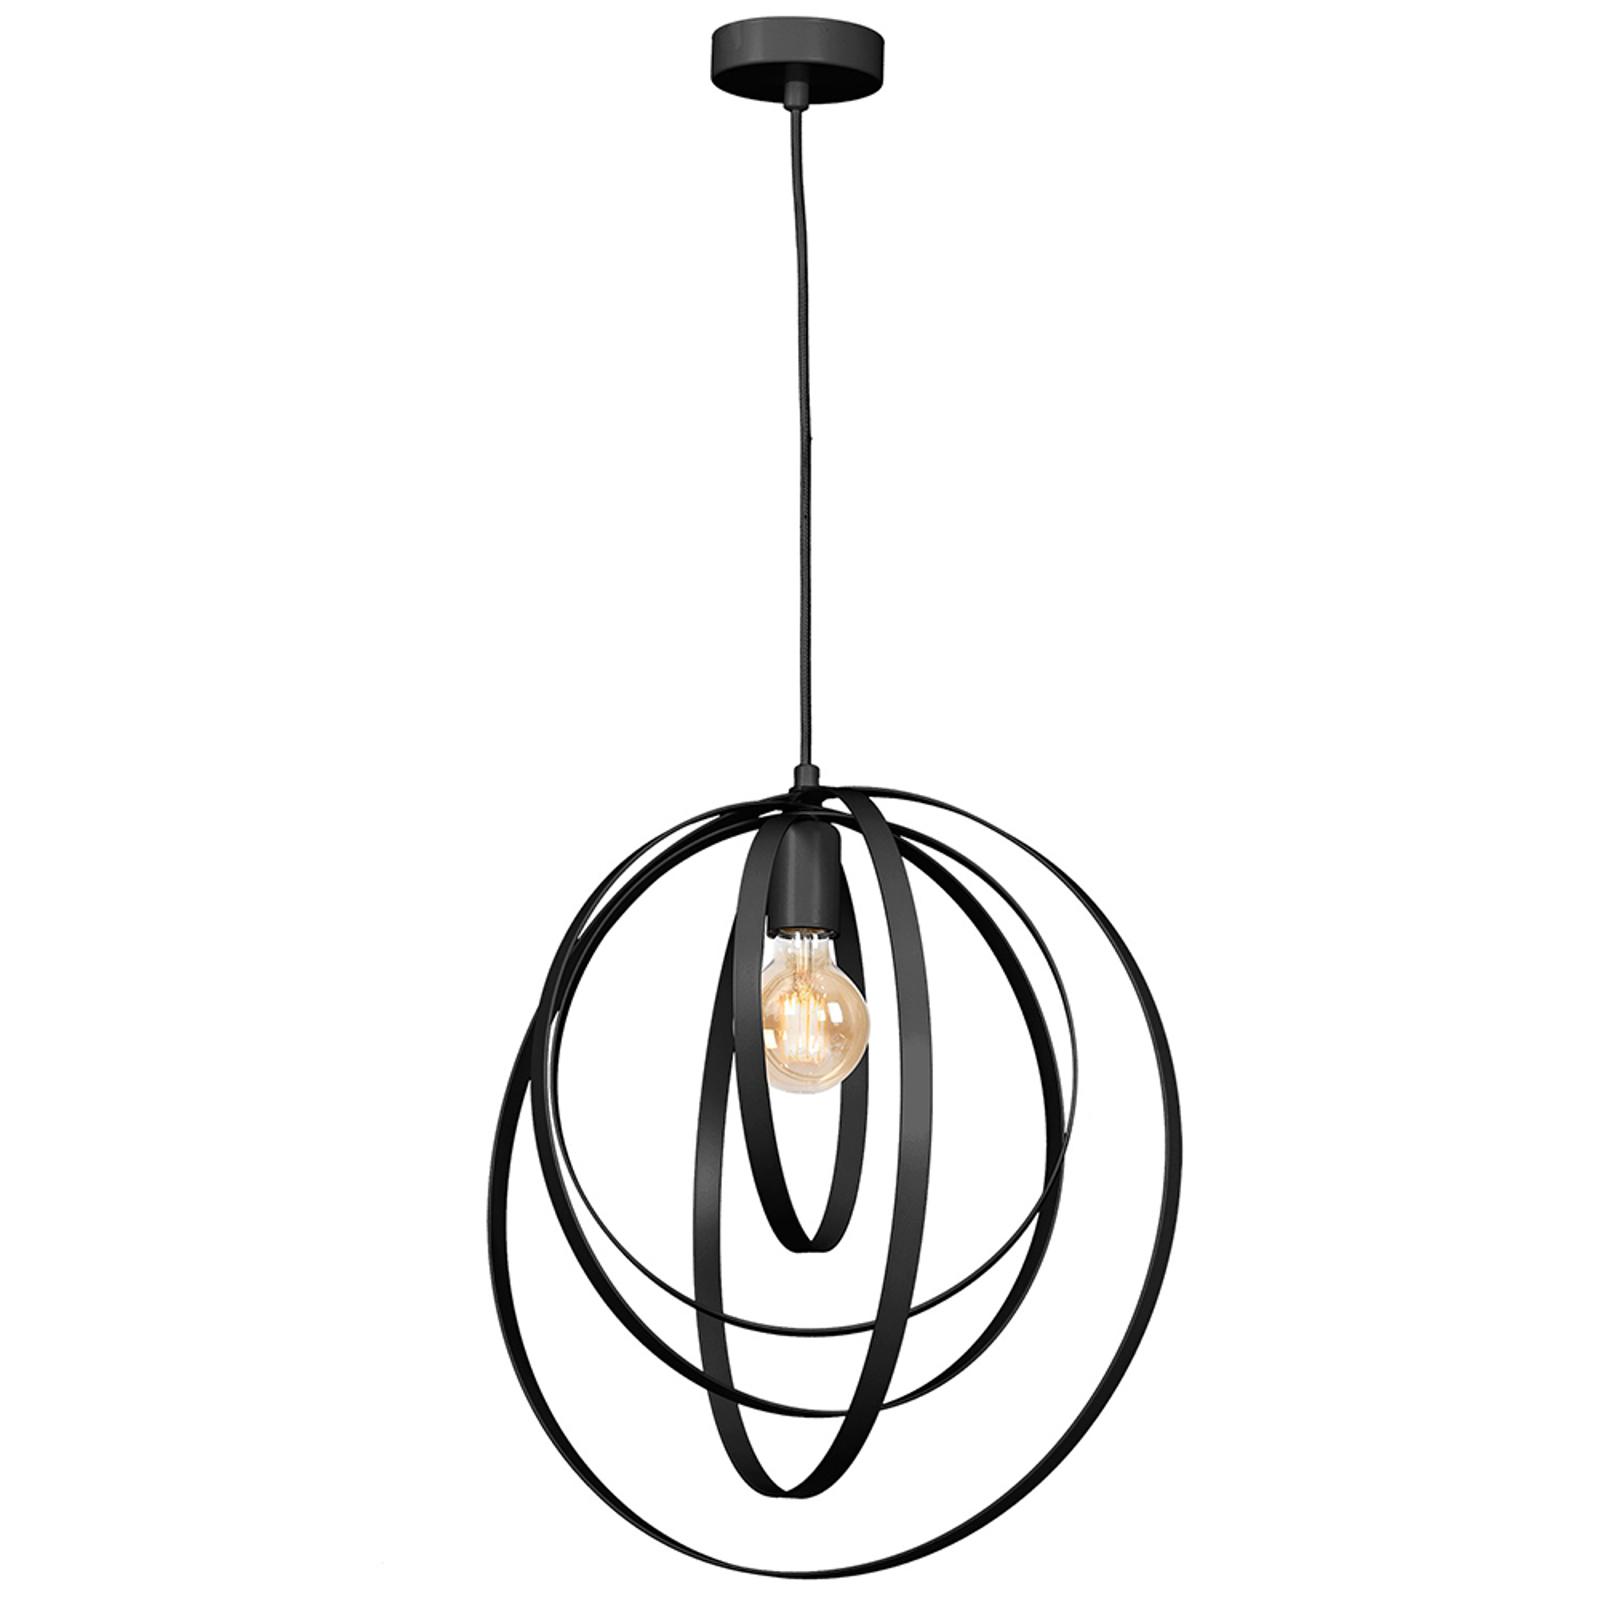 Lampa wisząca Ringo, 1-punktowa, czarna